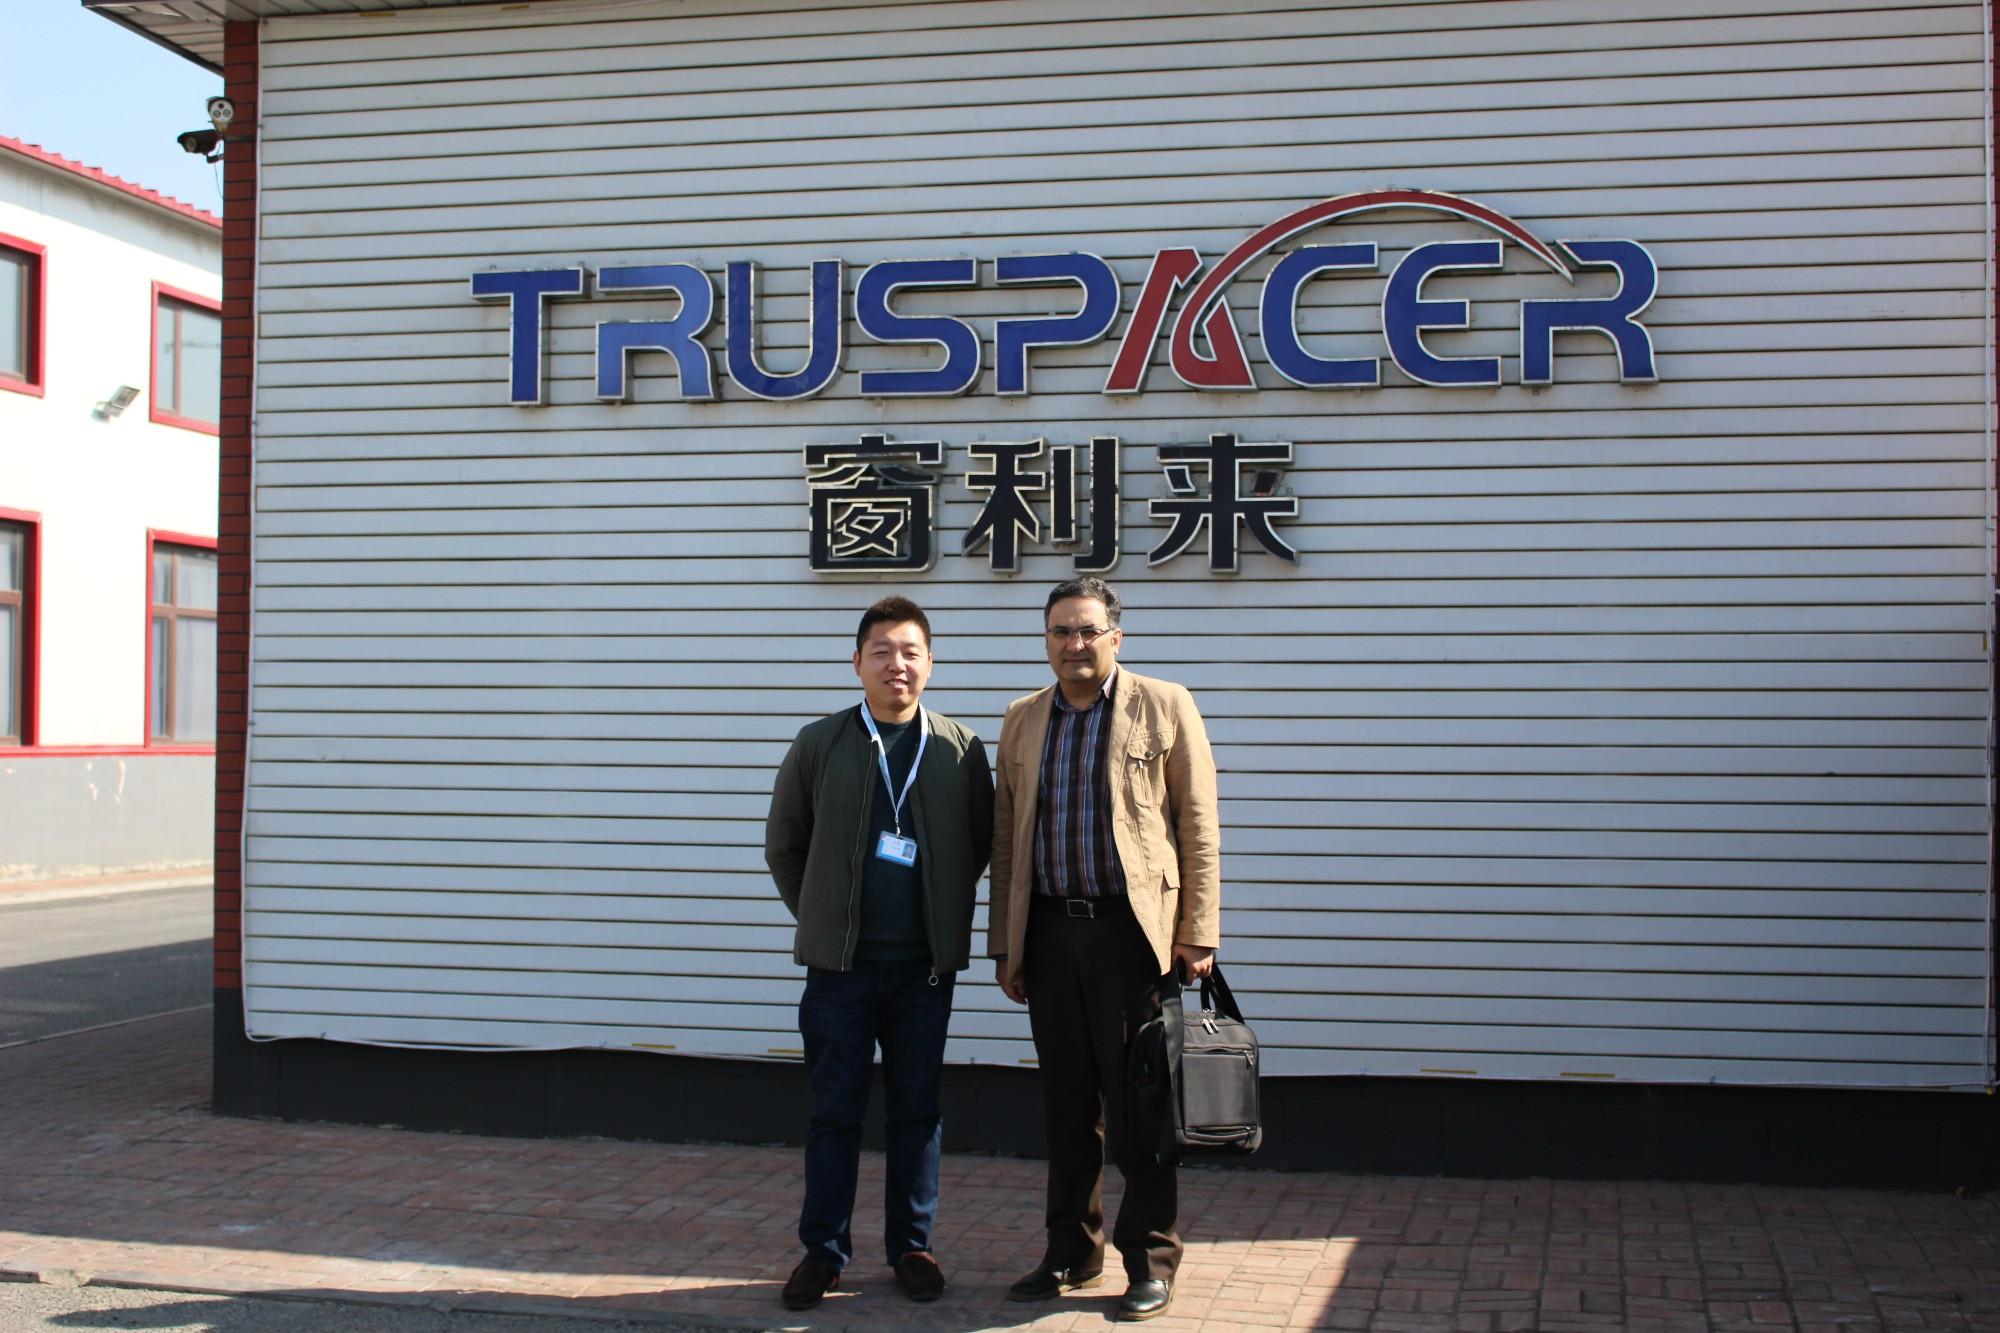 Добро пожаловать наших старых клиентов из Ирана, чтобы посетить наш завод